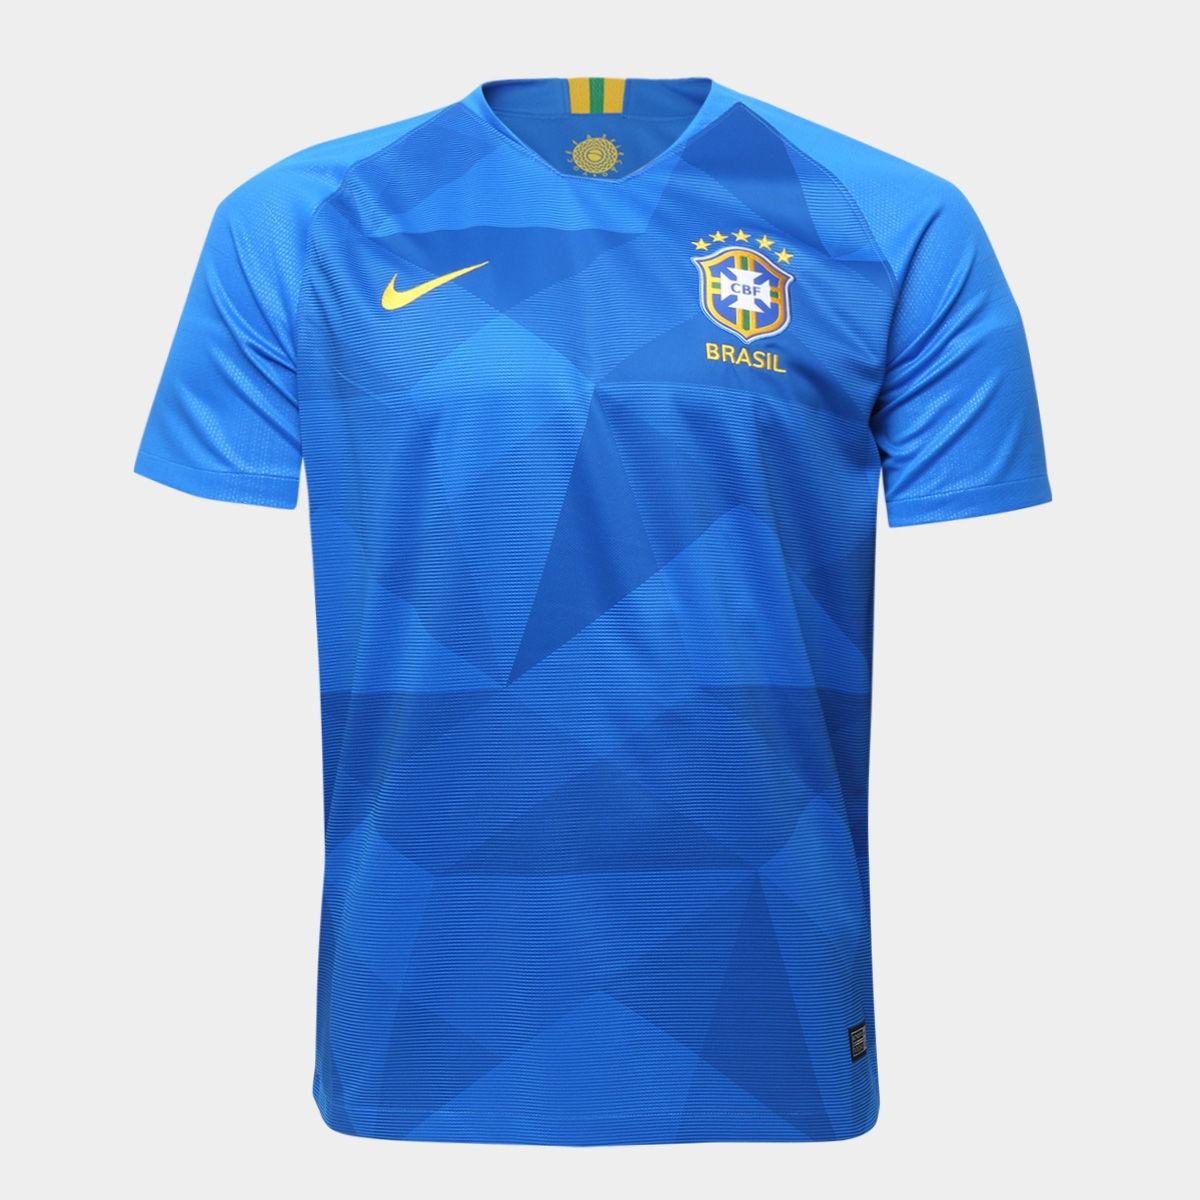 b58aff70a Camisa Blusa Seleção Brasileira Adulto 2018 Copa América - R  179